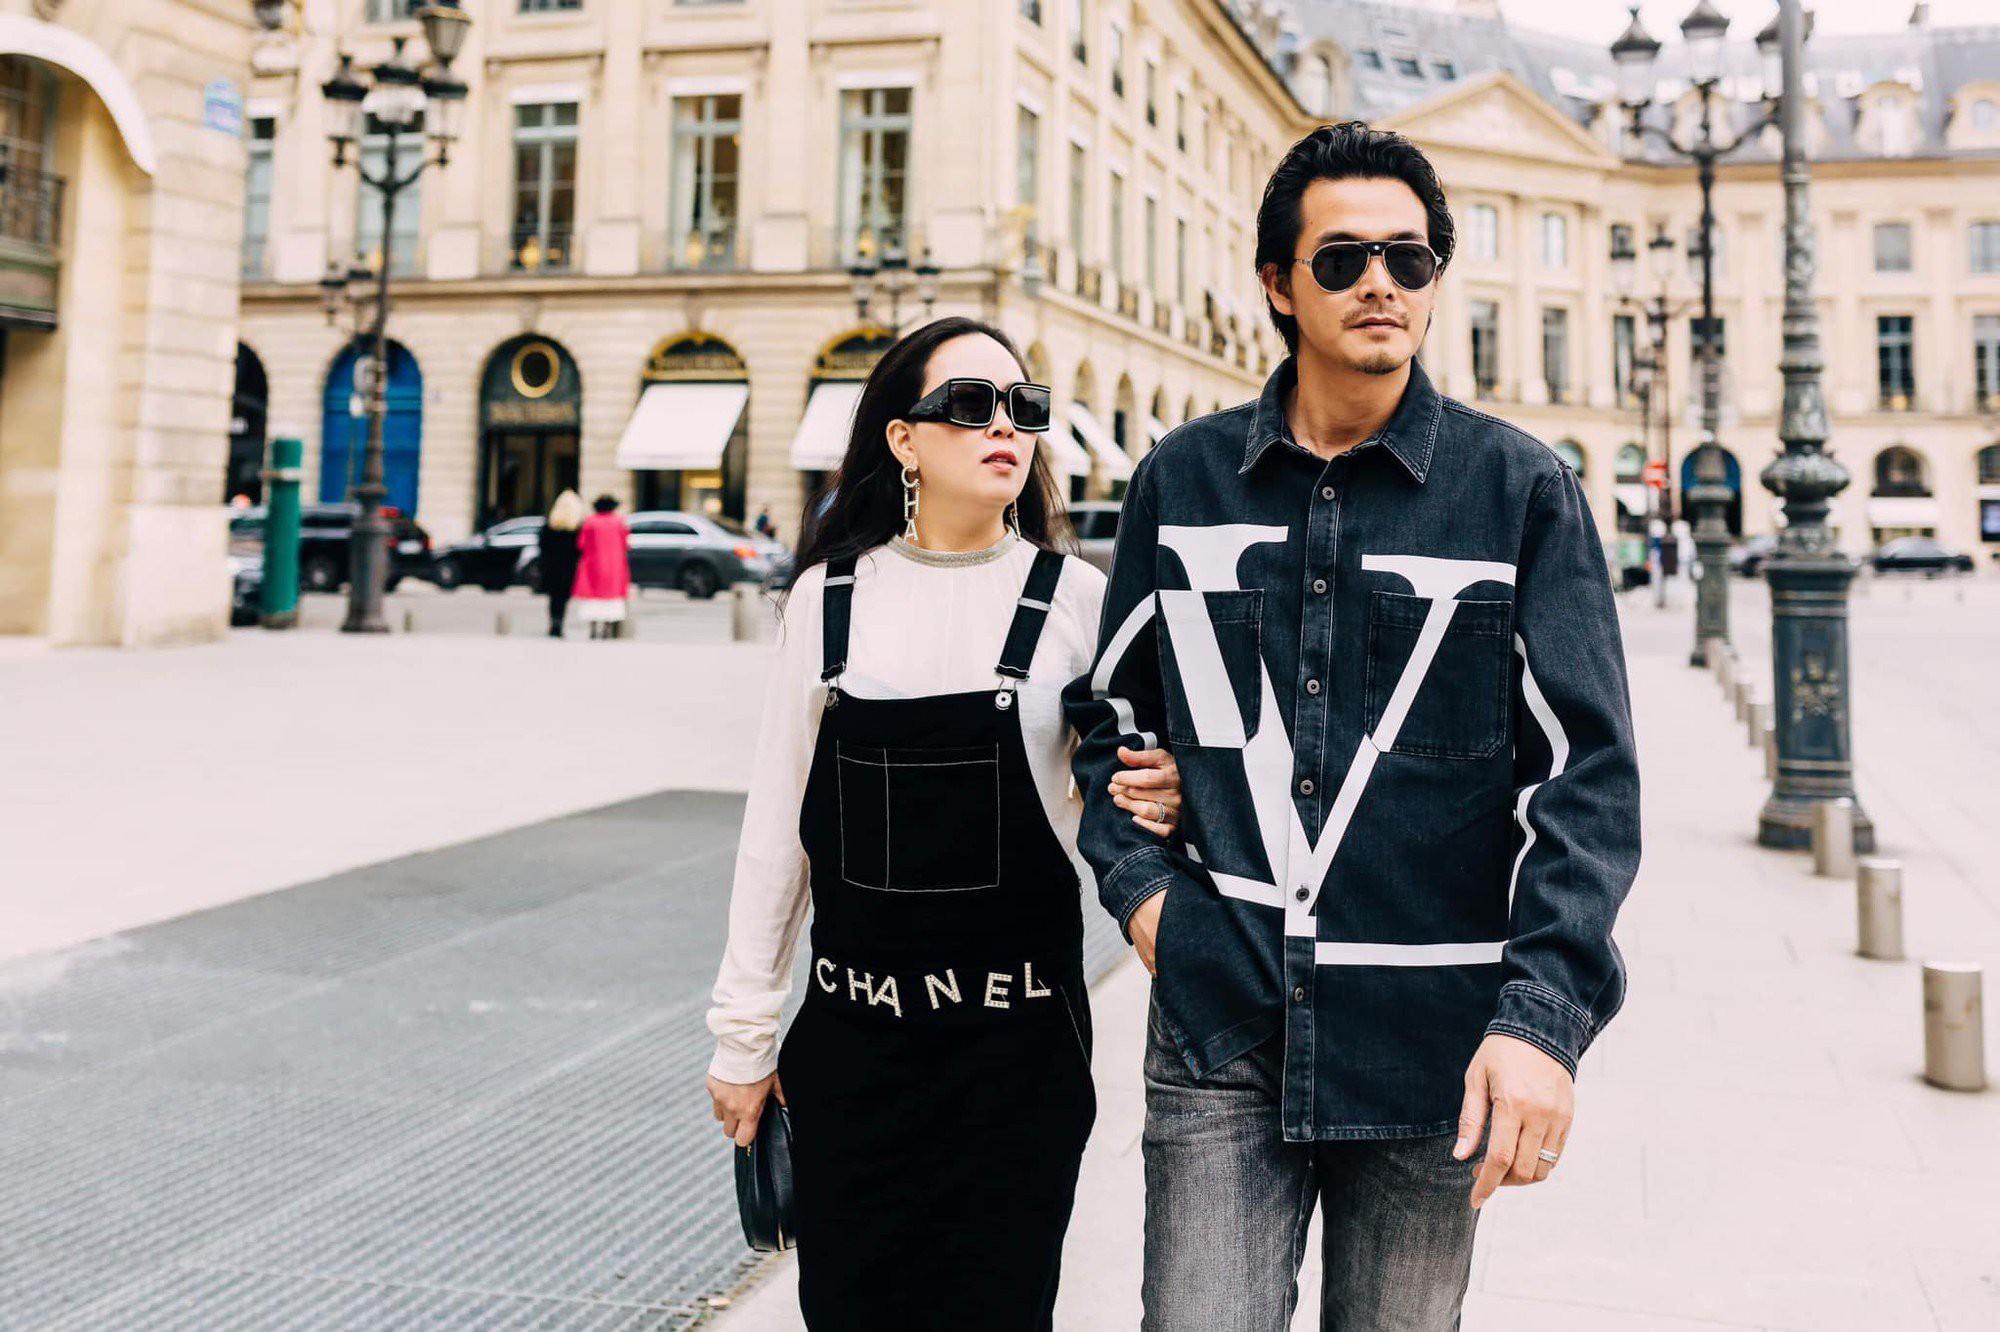 Lùm xùm sau ly hôn của Lê Phương và Quách Ngọc Ngoan từng gây chú ý khi nam diễn viên bị phanh phui chuyện ngoại tình với đại gia Phượng Chanel.